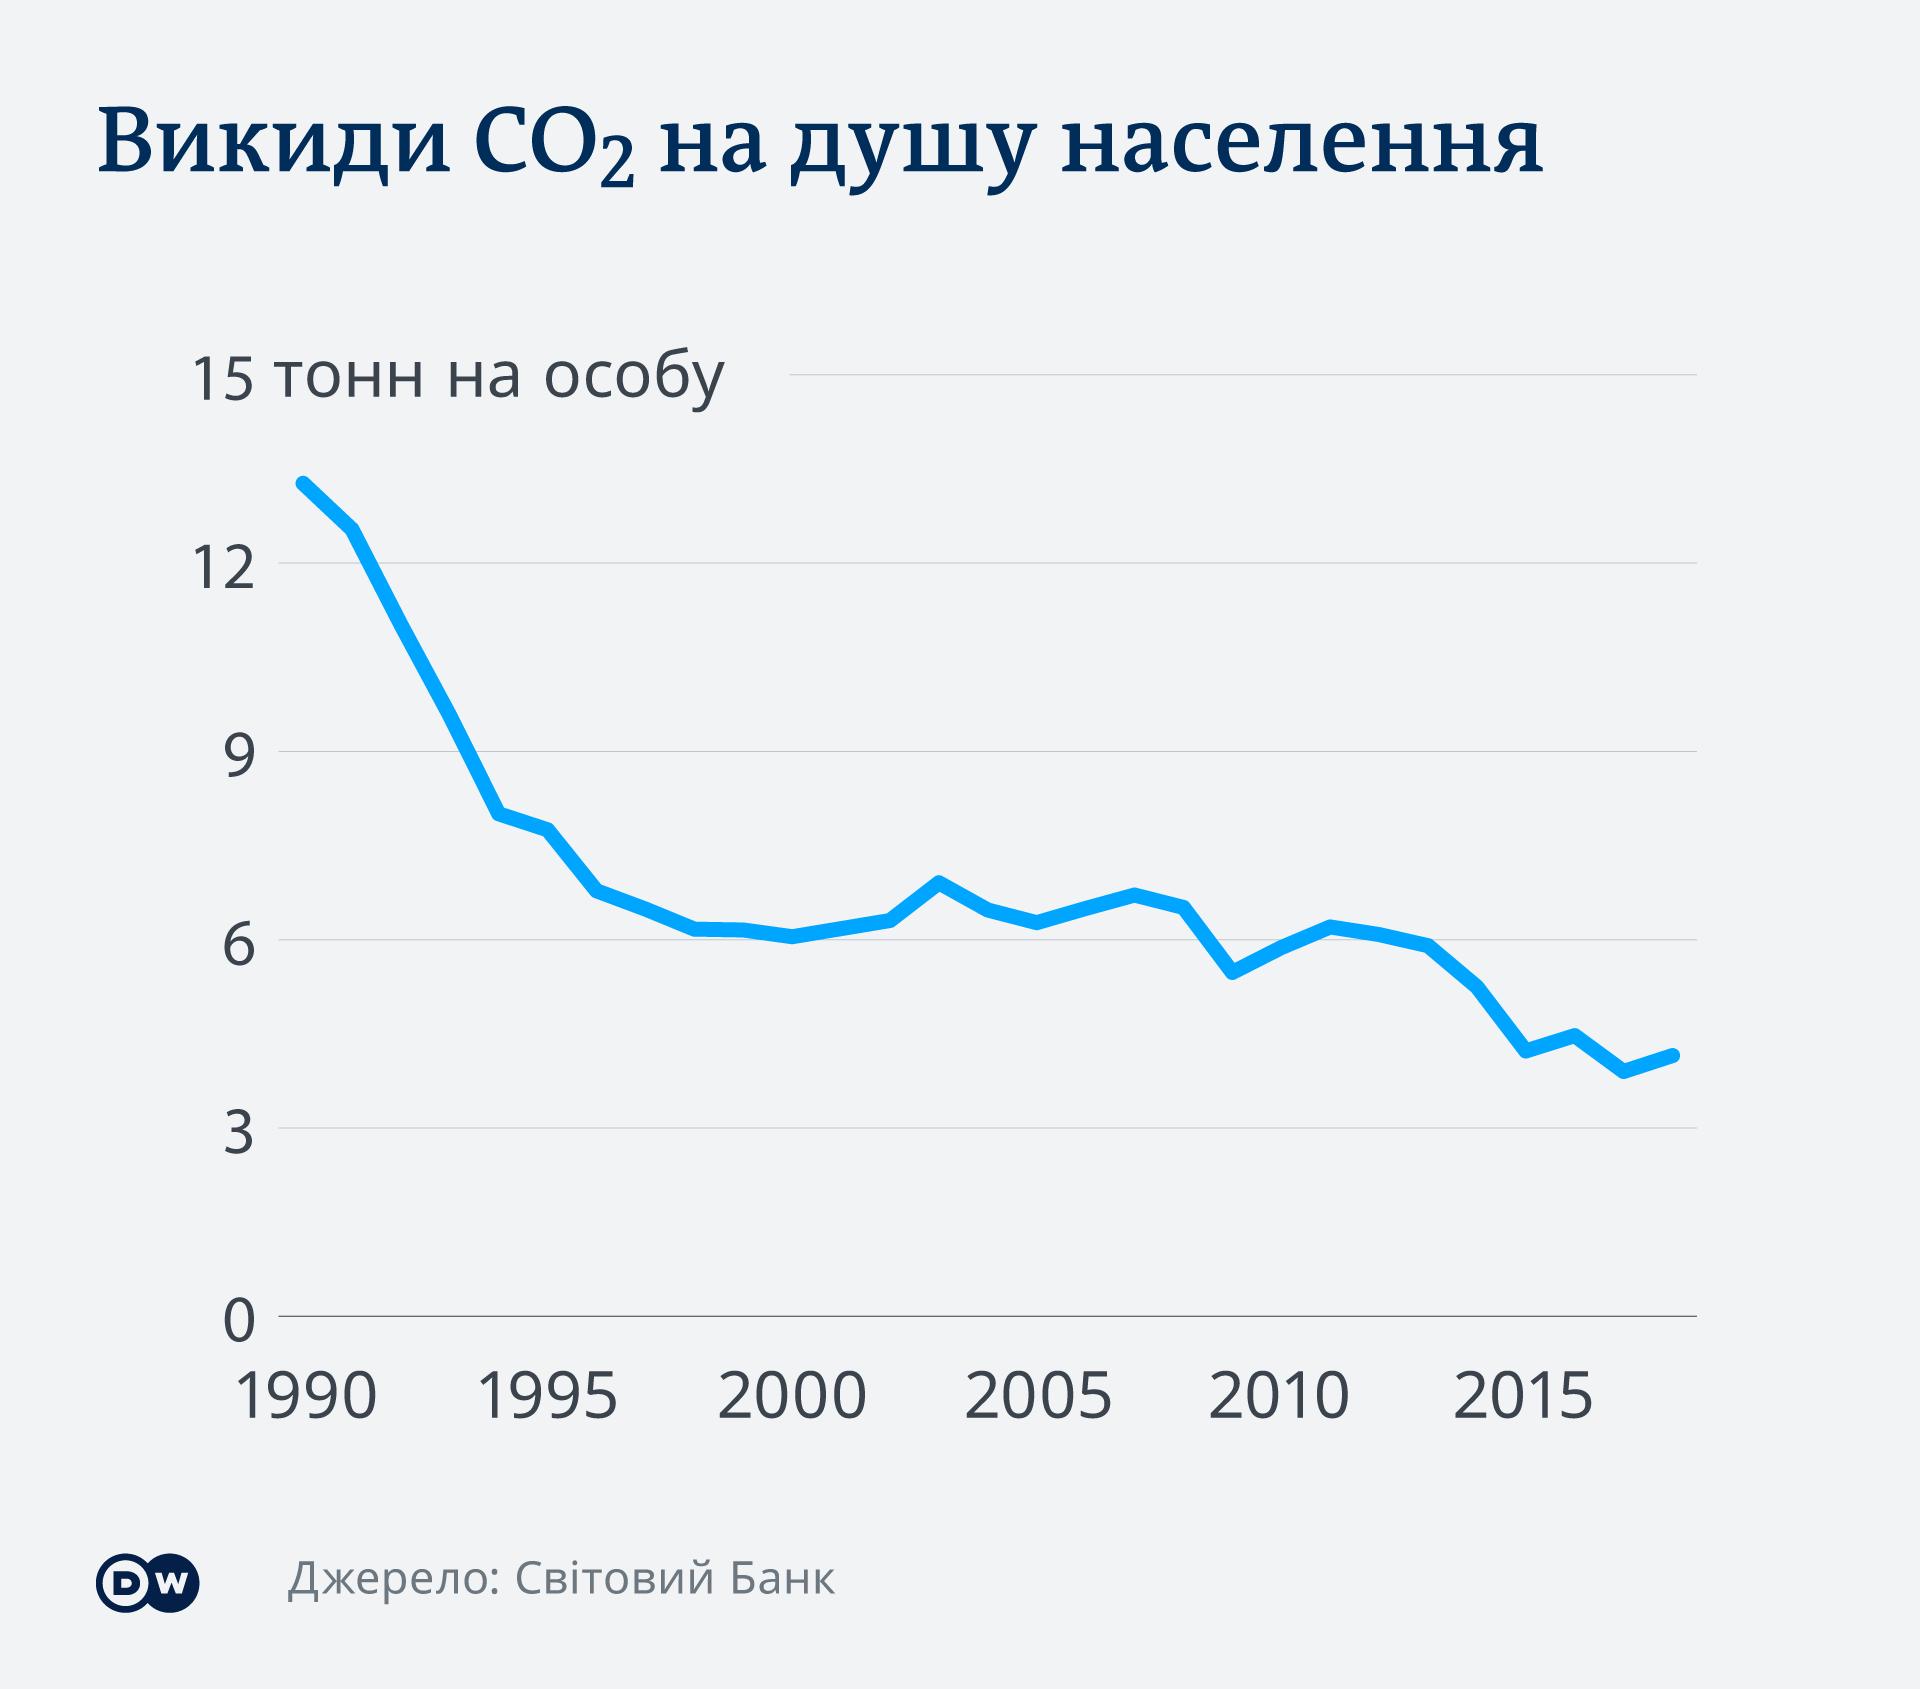 Викиди CO2 в Україні